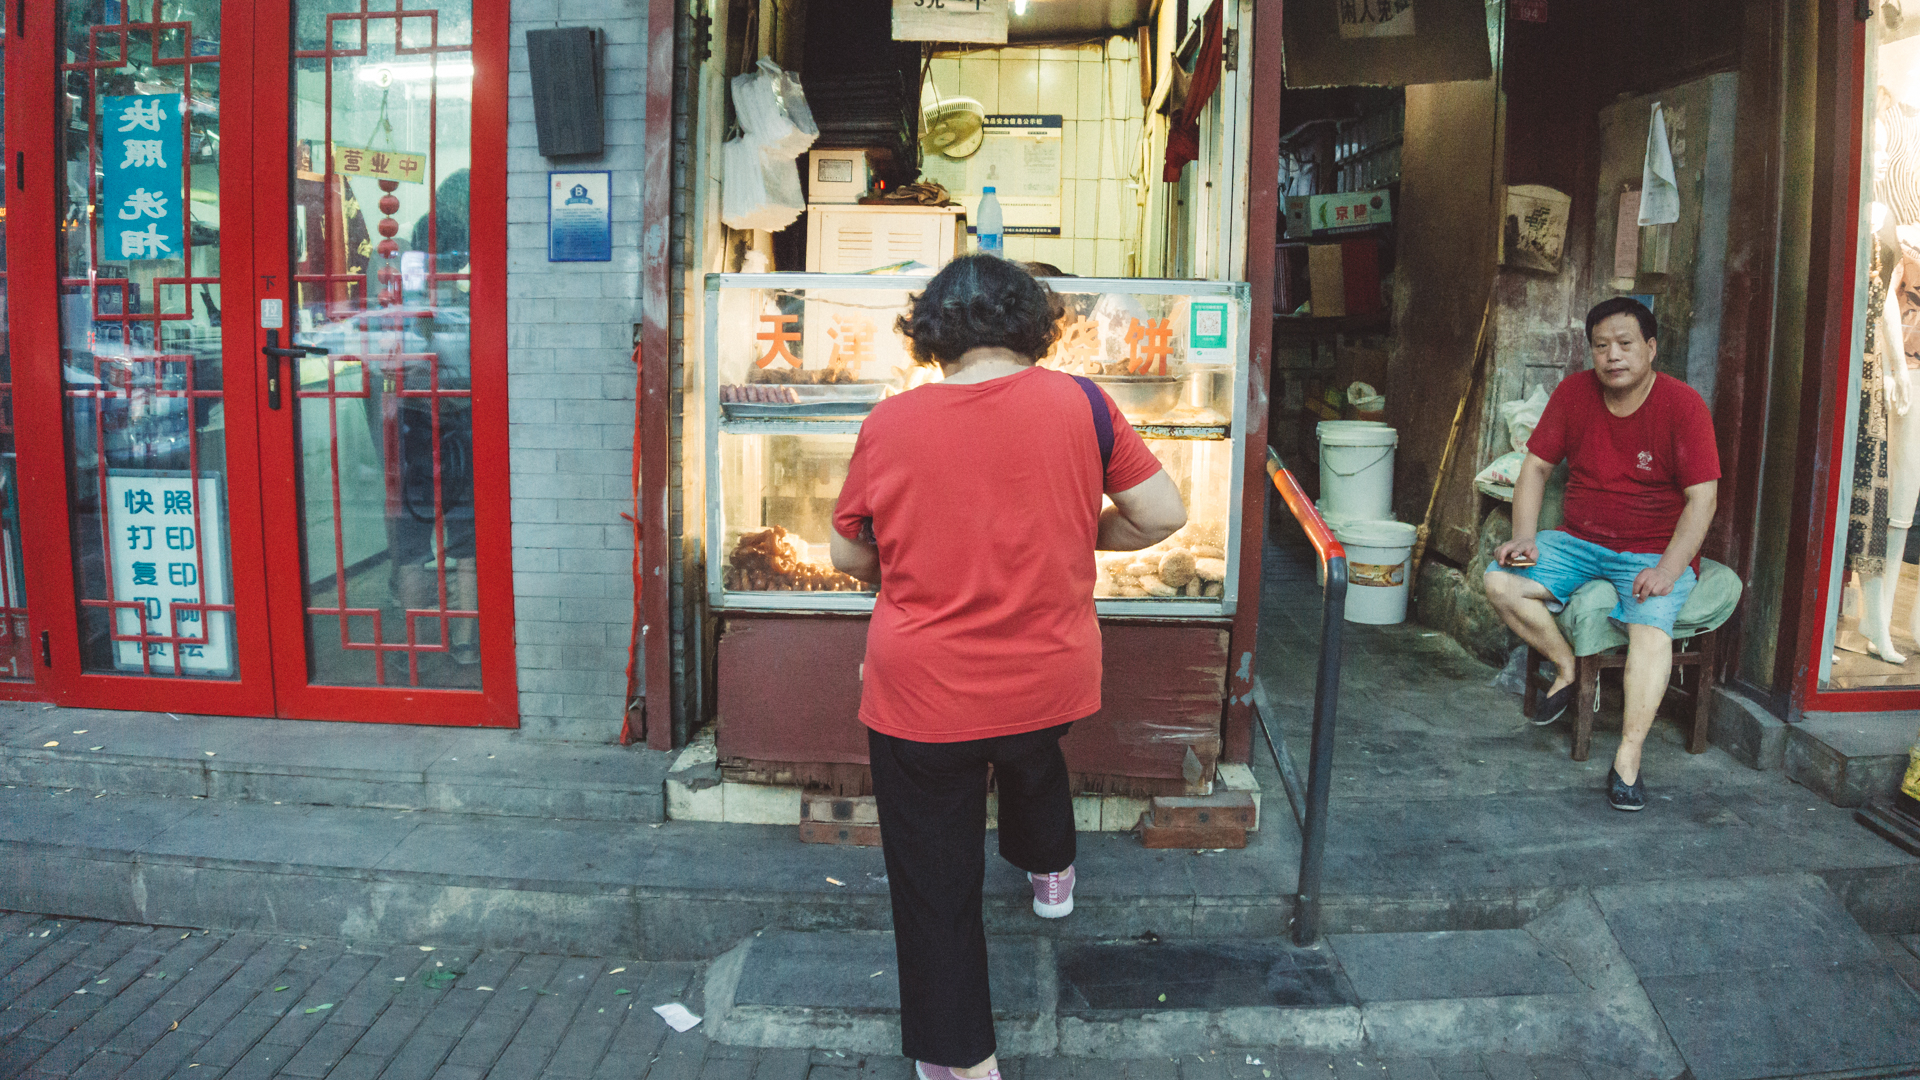 DSC09131_pechino_street_hutong_travel_psych_chiara_cina